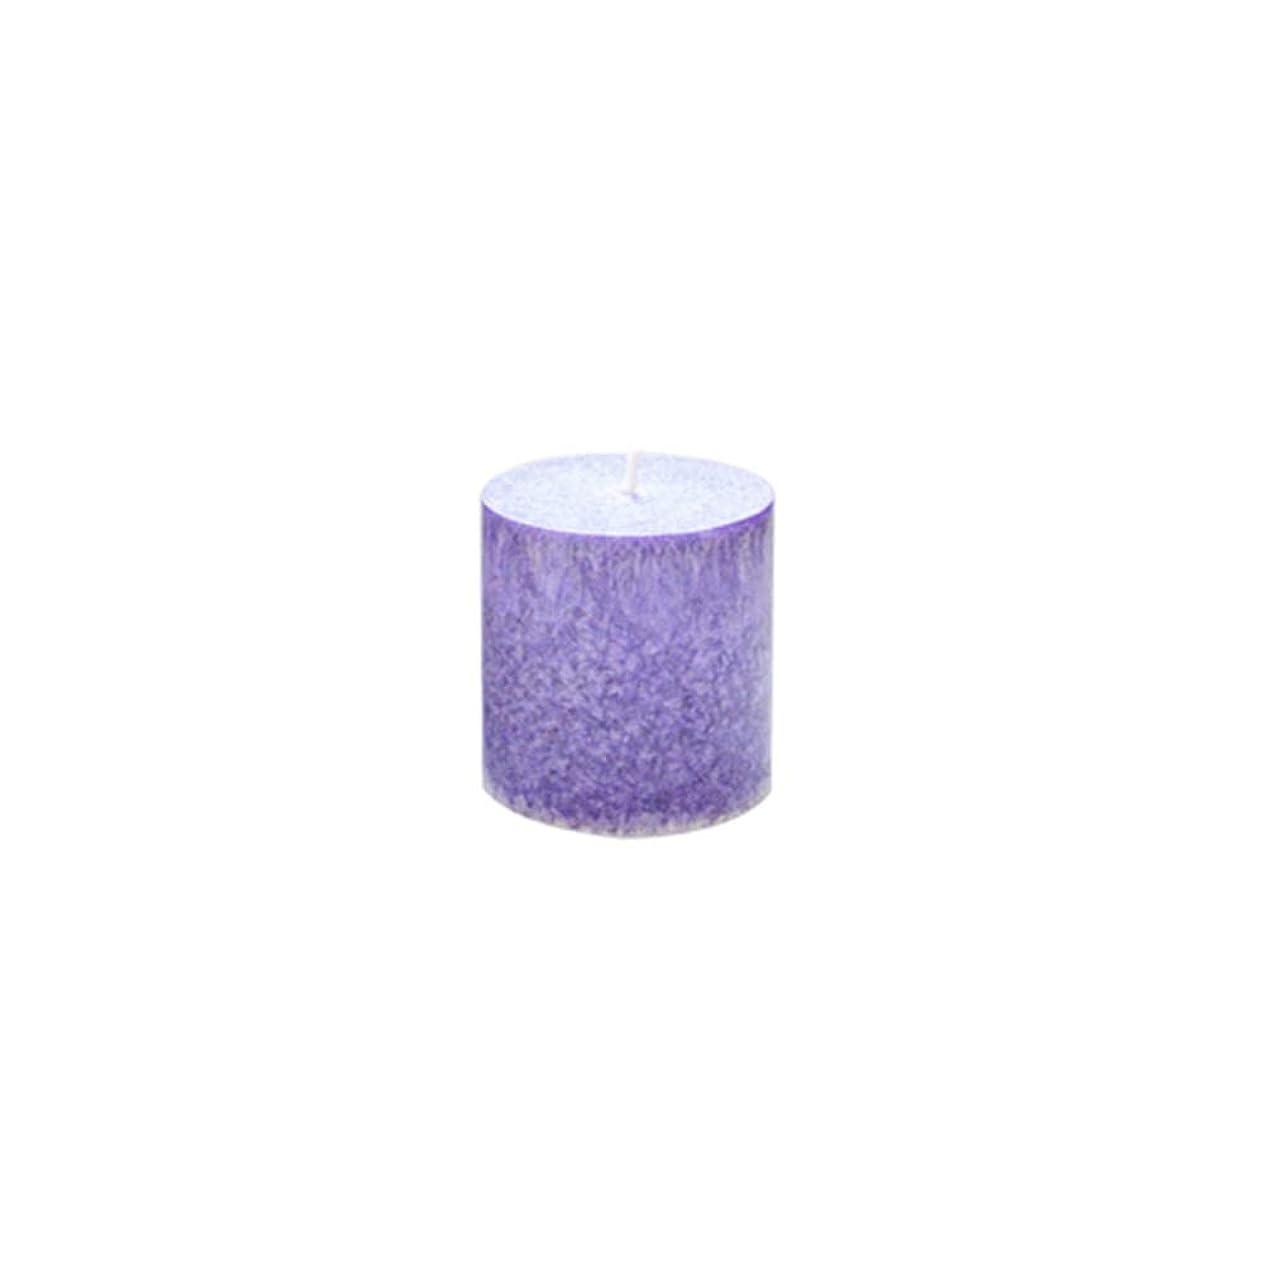 小康時代大胆不敵Rakuby 香料入り 蝋燭 ロマンチック 紫色 ラベンダー アロマ療法 柱 蝋燭 祝祭 結婚祝い 無煙蝋燭